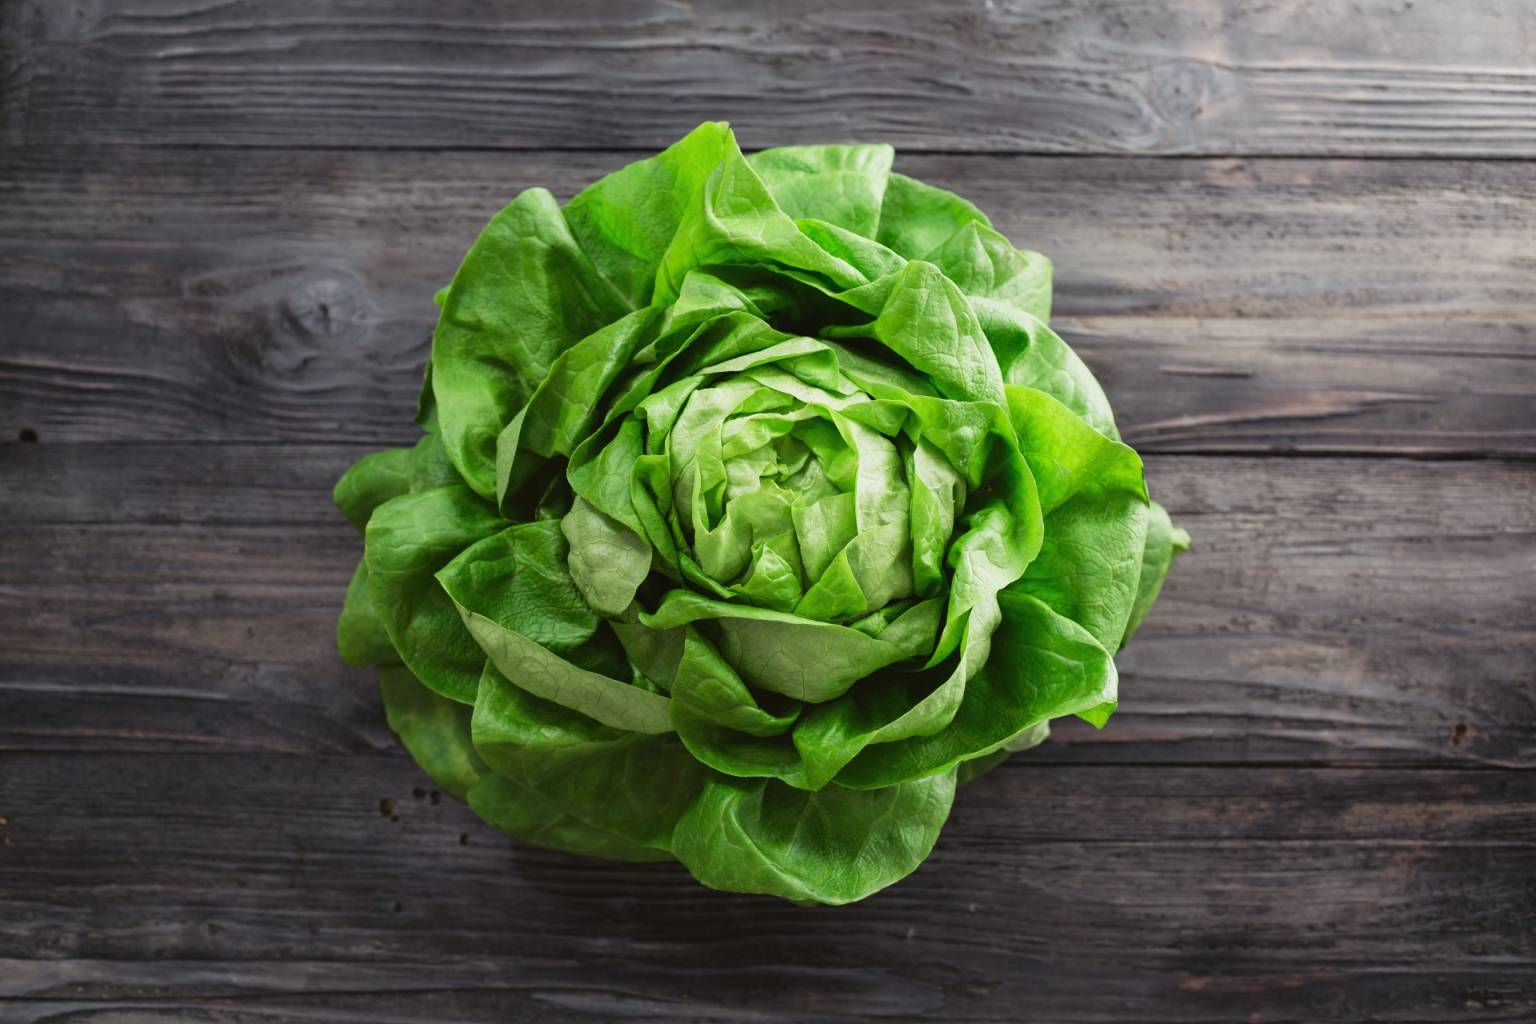 Główka sałaty gruntowej. Jak wegetarianizm pomaga ulepszyć świat?